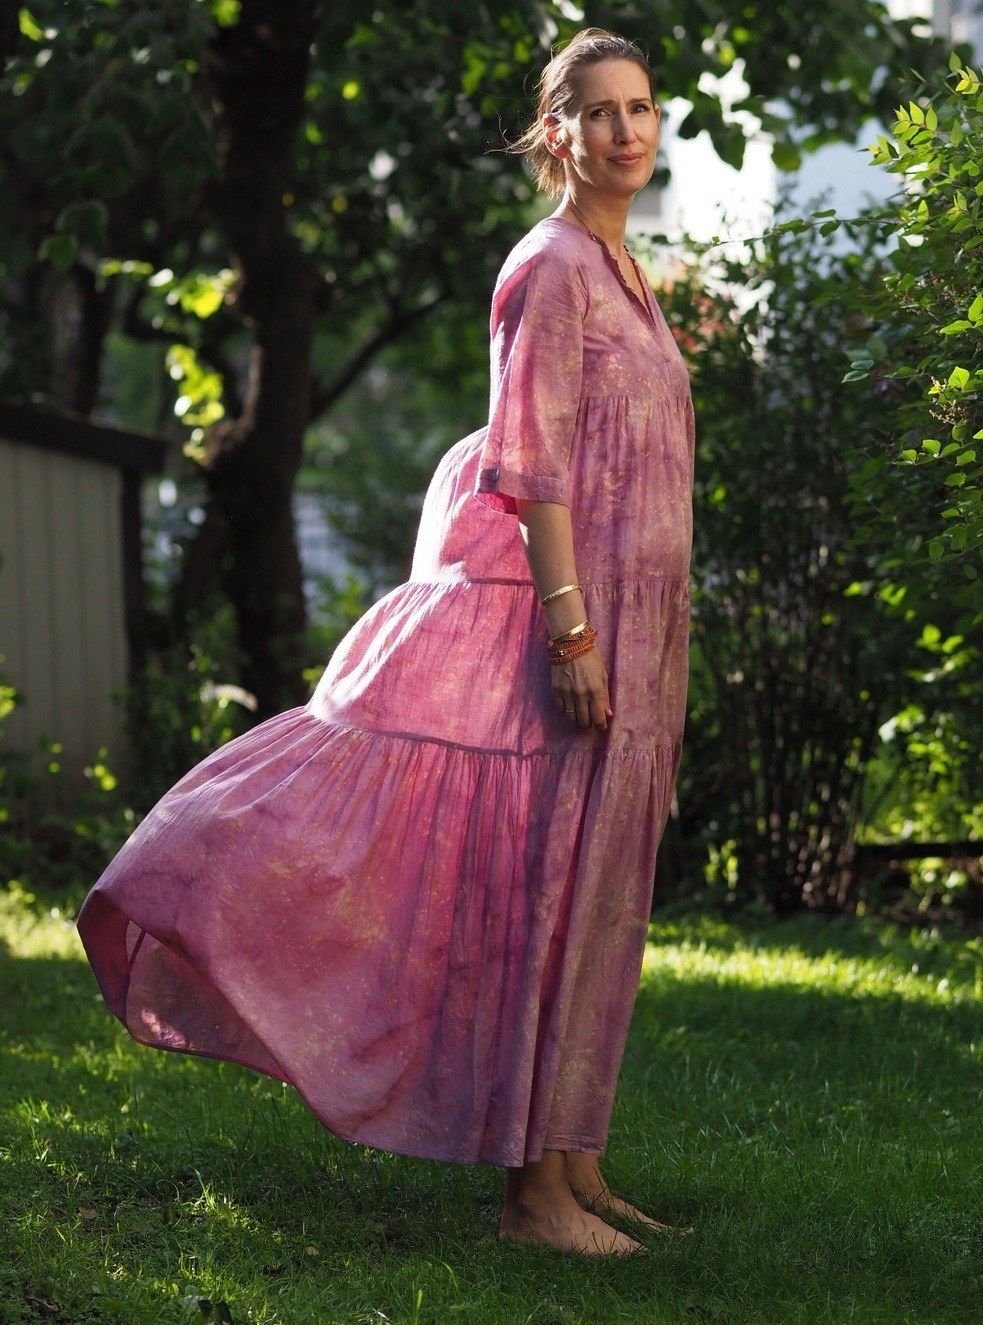 A model wearing the Sewa dress